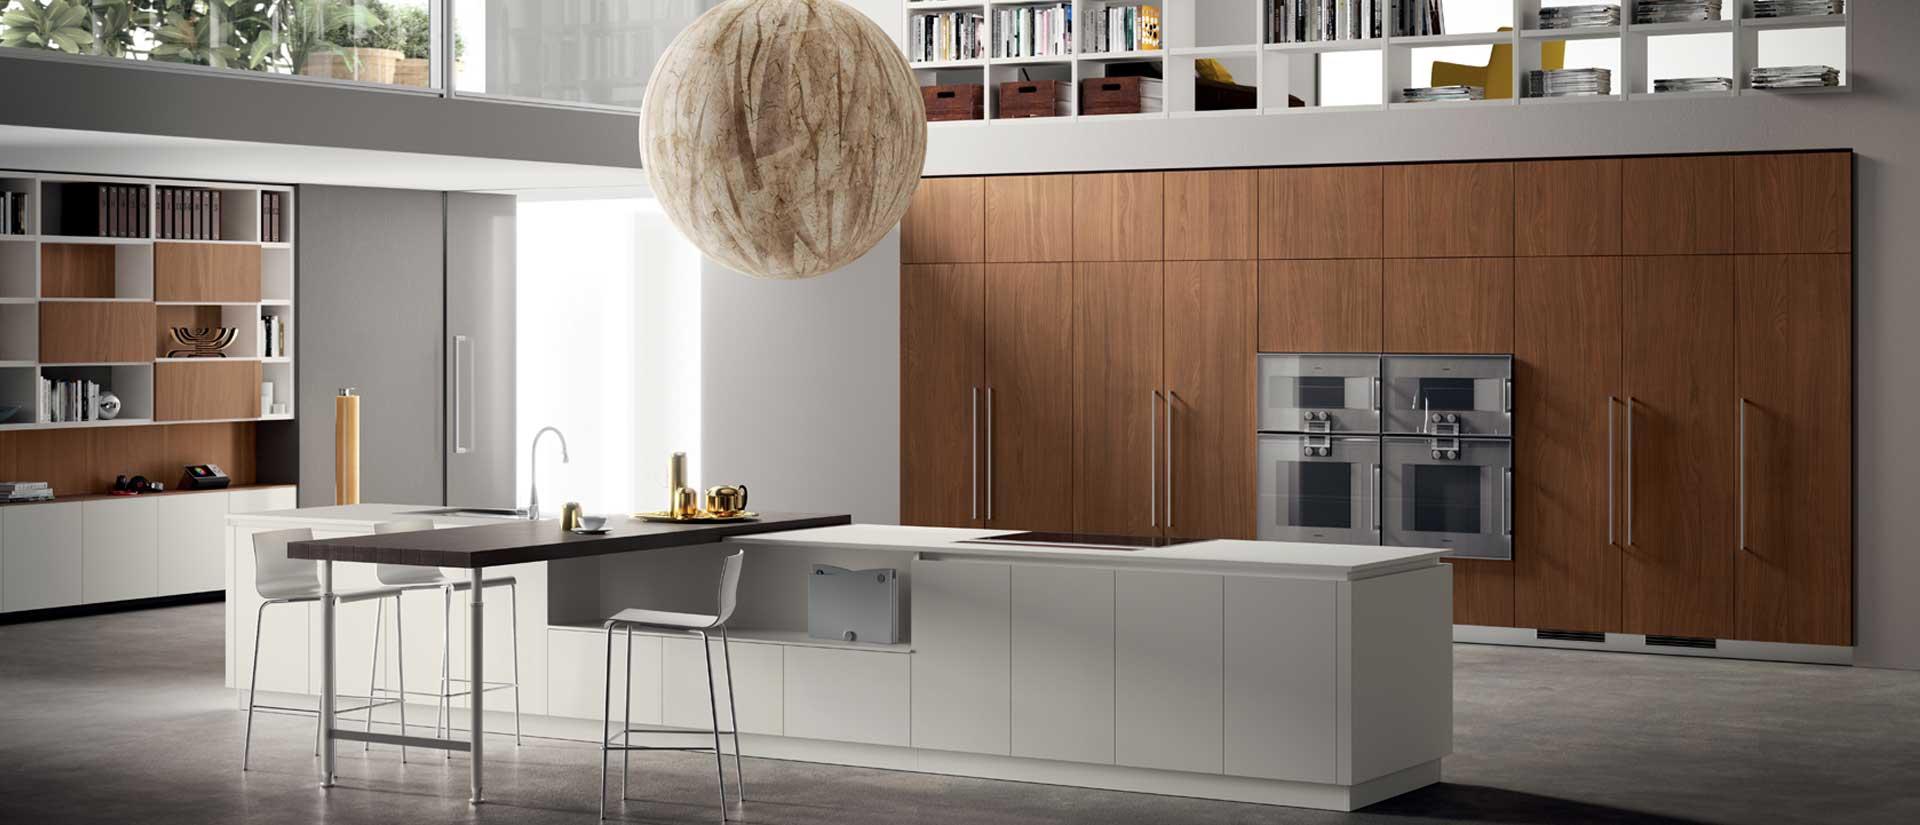 Il progetto cucina liberamente tutti i dettagli - Progetto arredo cucina ...